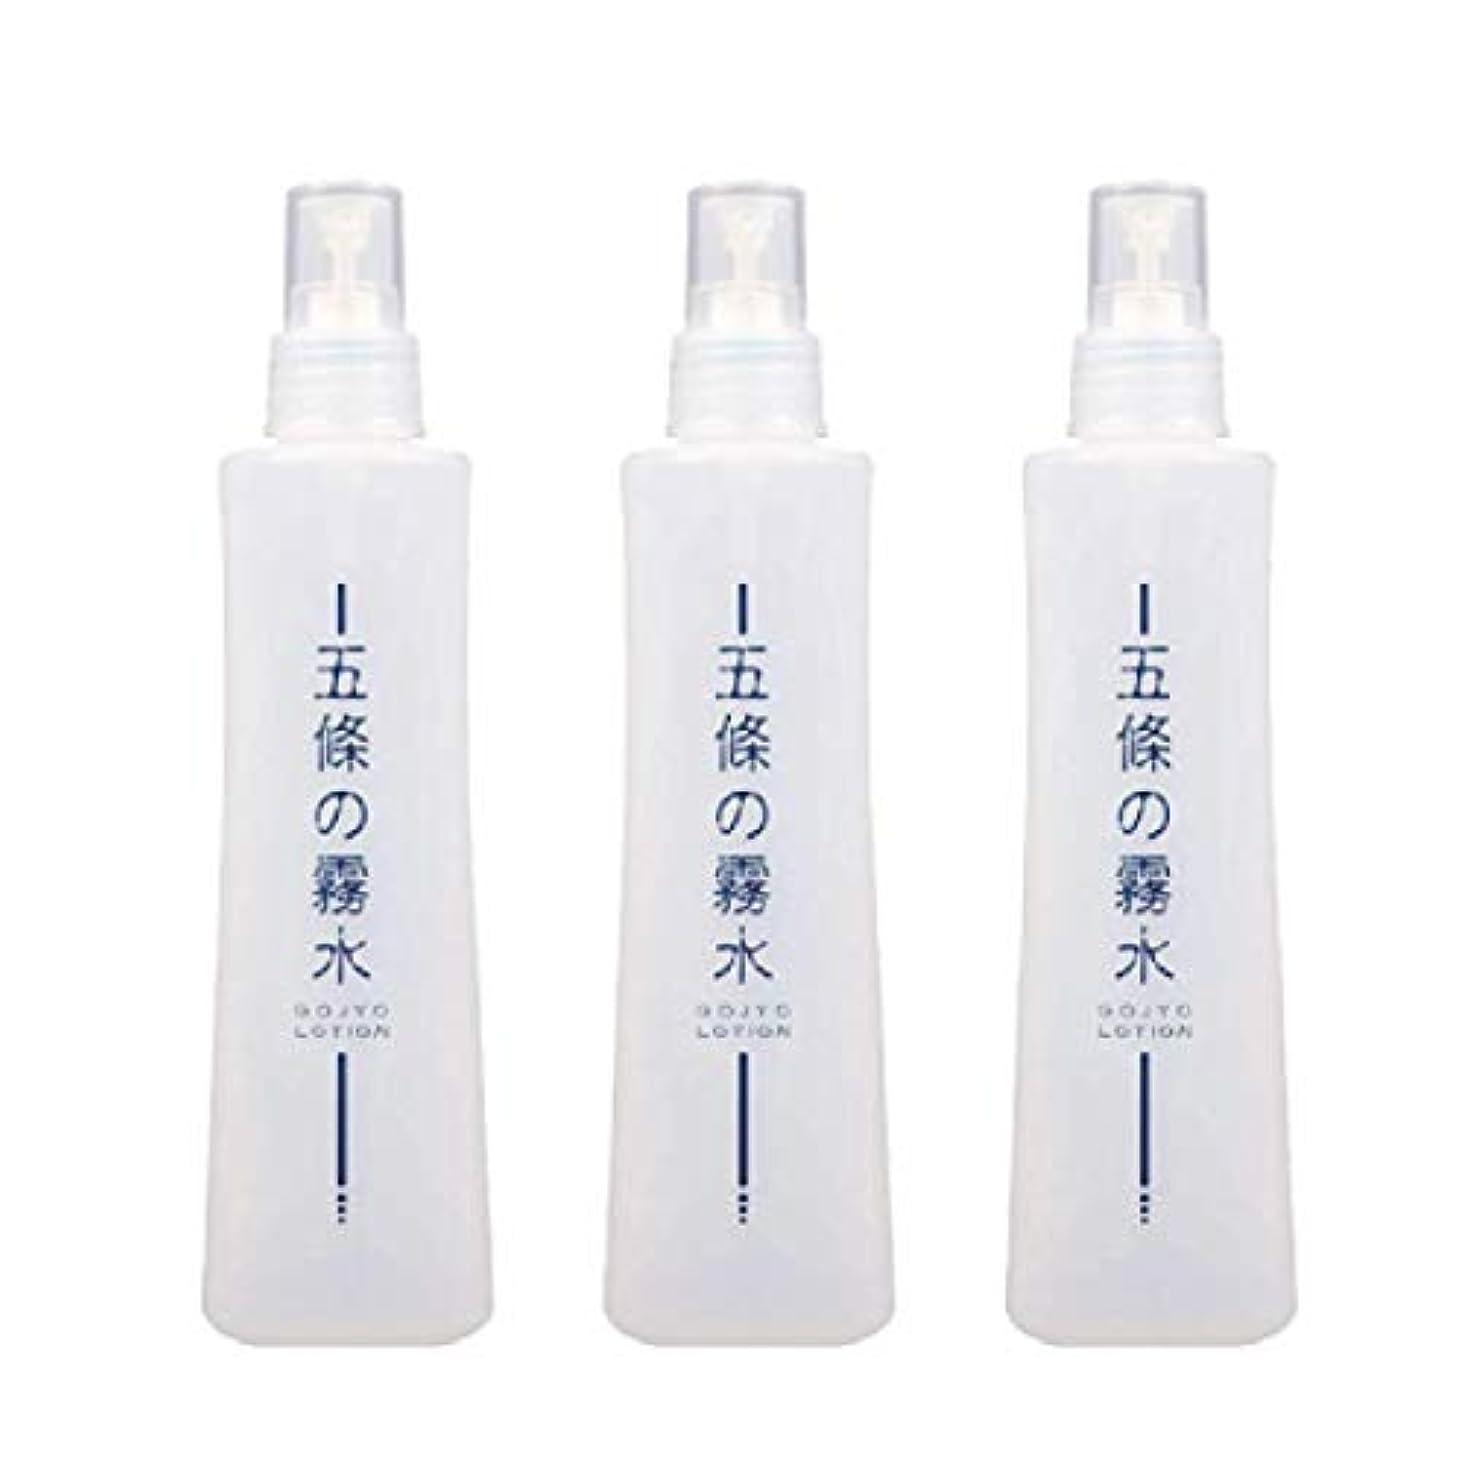 共感する感度ブート五條の霧水ベーシック(3本セット) +アレッポの石鹸1個プレゼント 無添加保湿化粧水